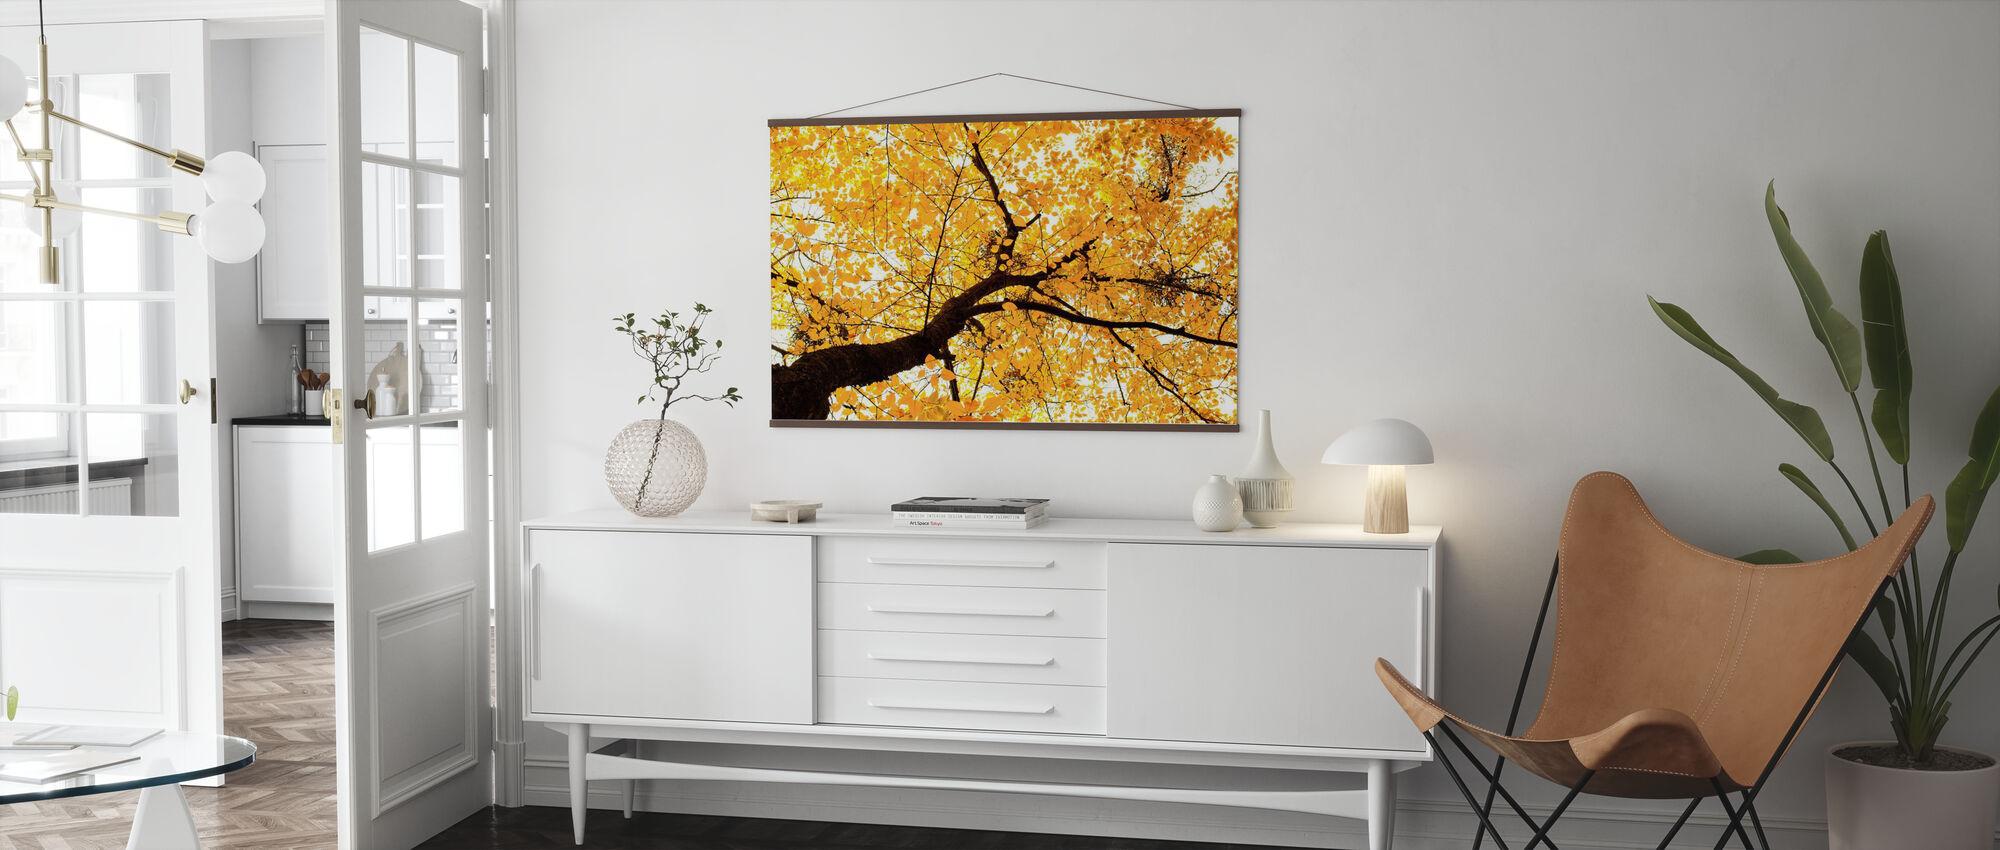 Golden Leaves - Poster - Living Room